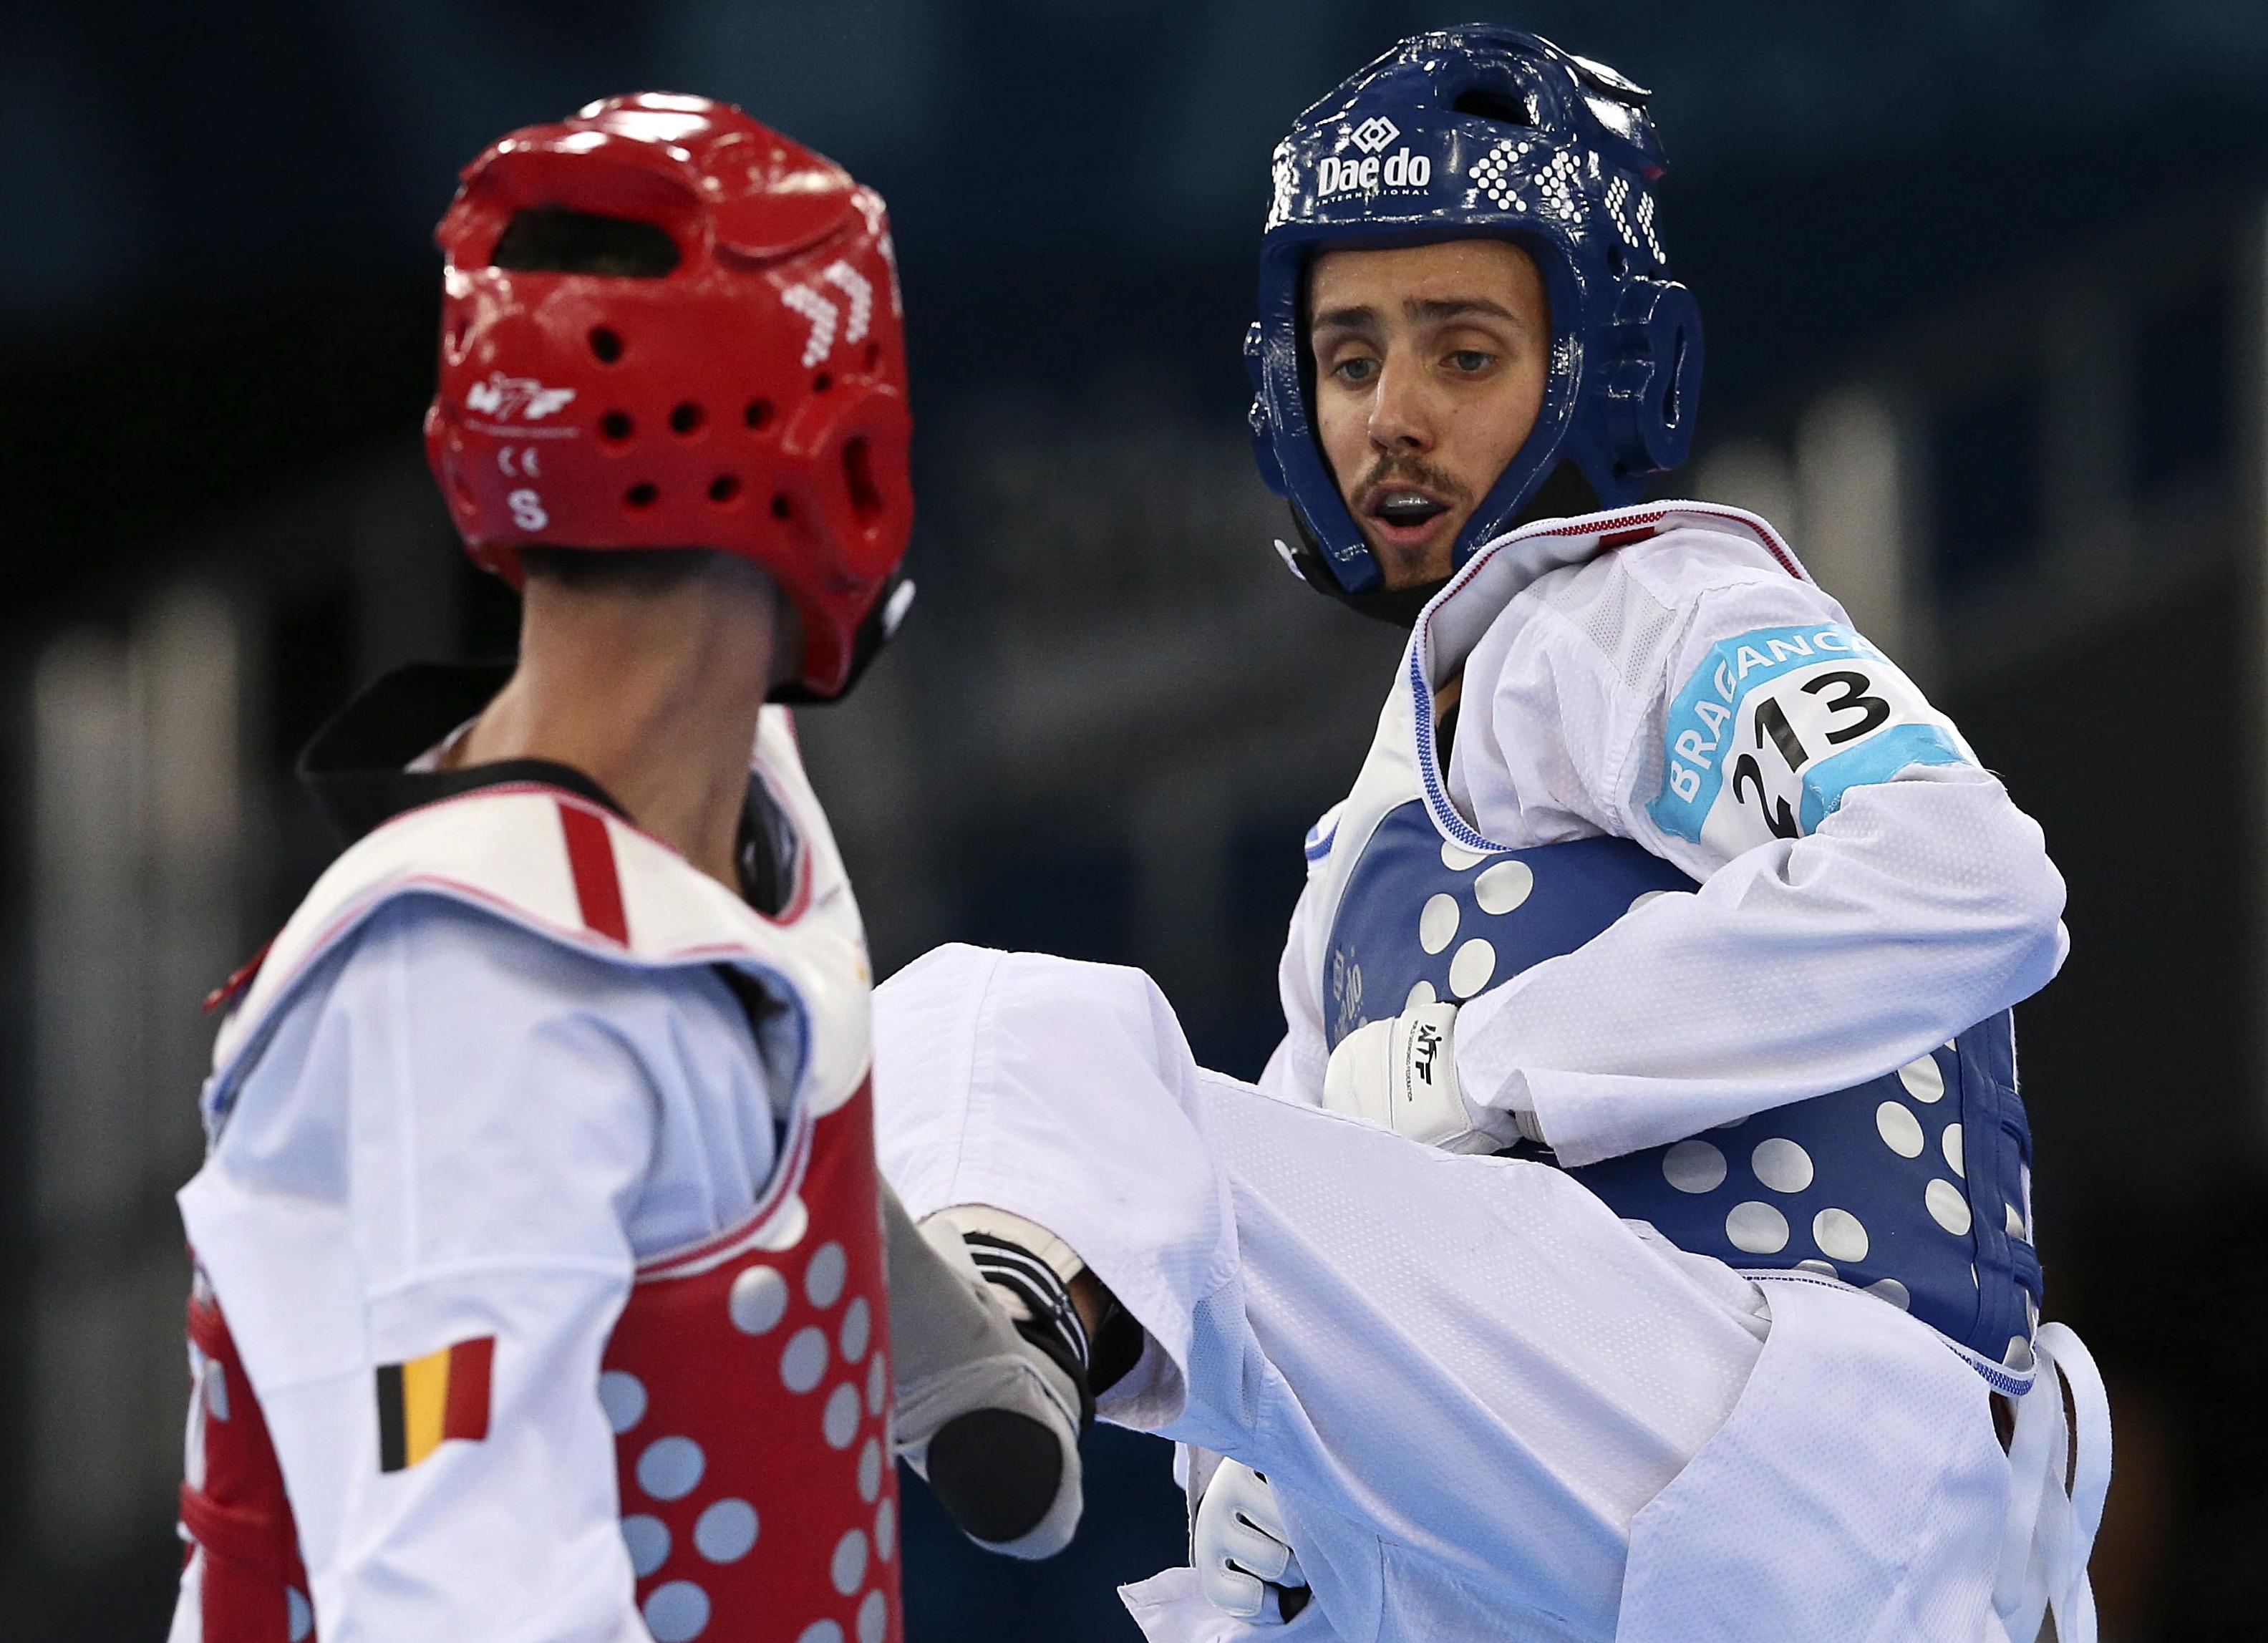 Rui Bragança e Júlio Ferreira prontos para o Grande Prémio de taekwondo